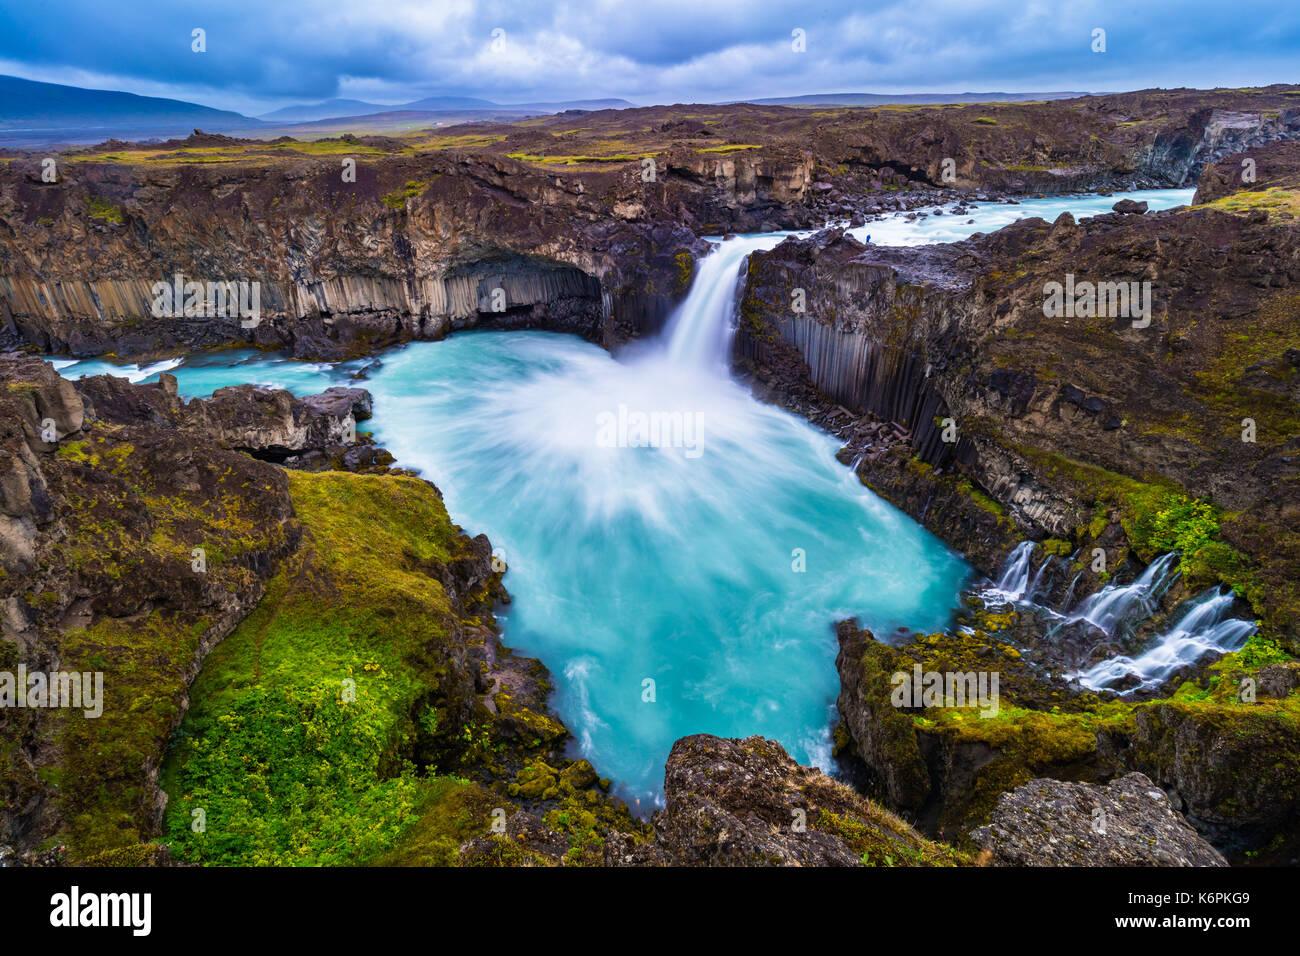 La chute d'Aldeyjarfoss est situé dans le nord de l'Islande à la partie nord de la Sprengisandur chemin Highland en Islande Photo Stock